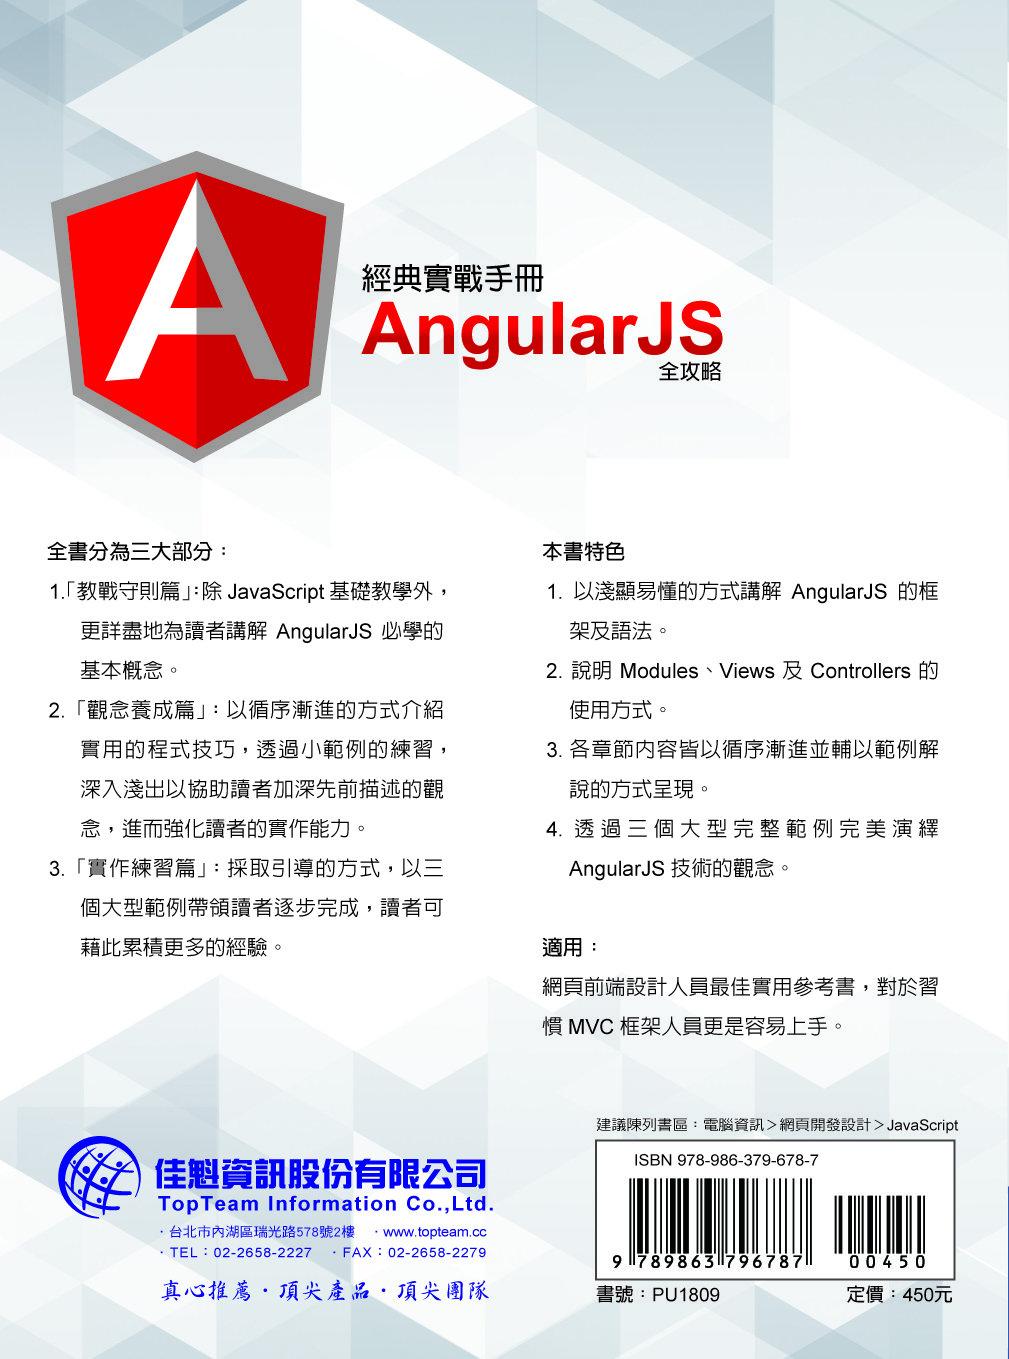 經典實戰手冊:AngularJS 全攻略 (舊名: AngularJS 快速上手-- 實務範例教學)-preview-14